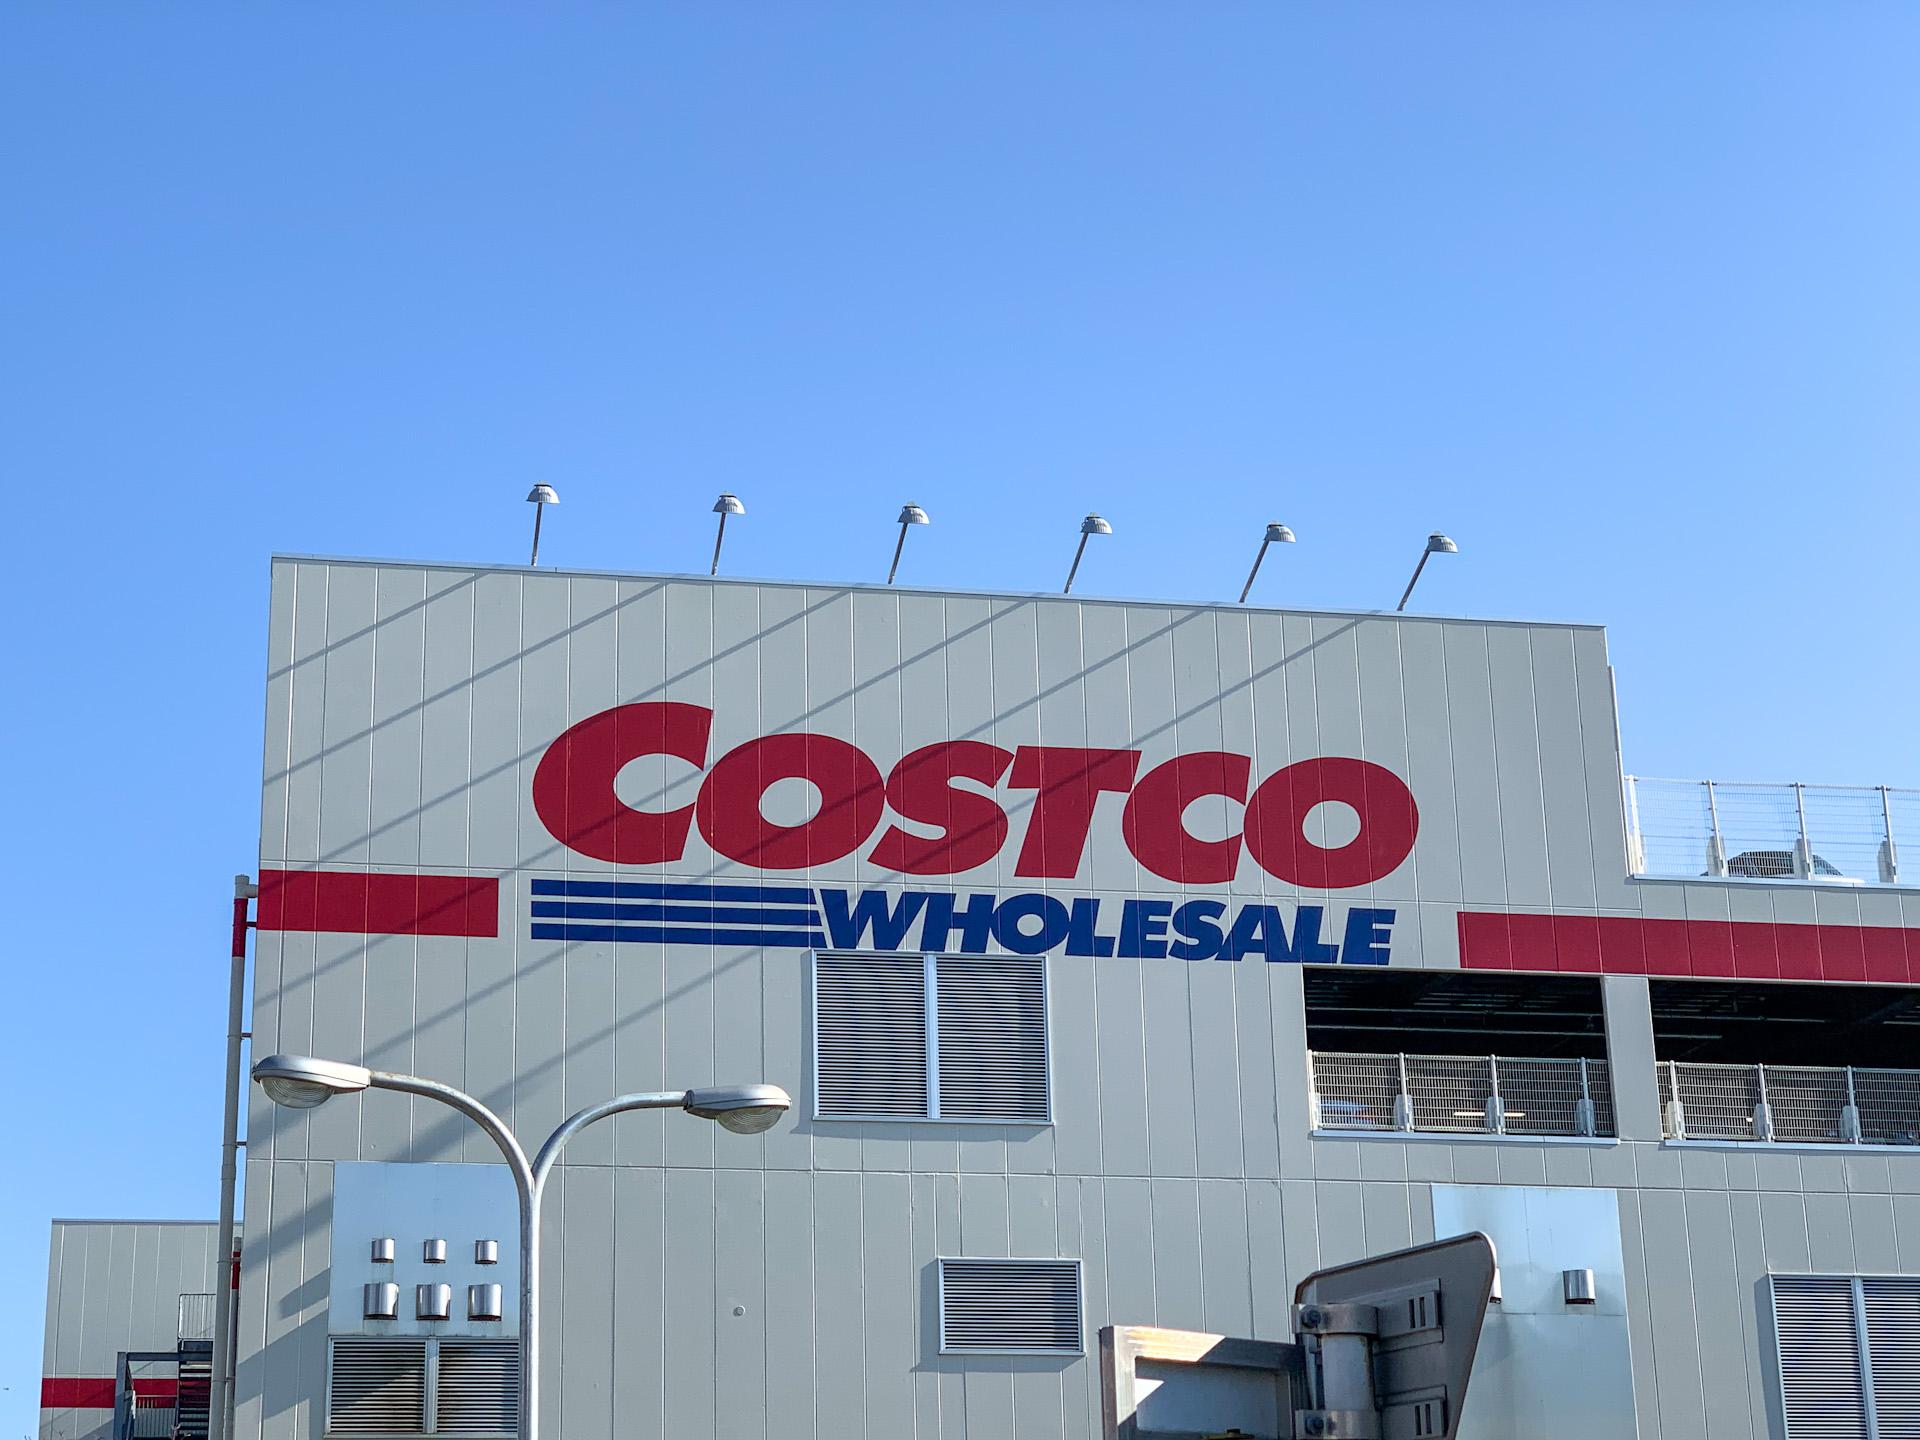 コストコには美味しいだしが沢山!人気のパックタイプなどおすすめ商品をご紹介